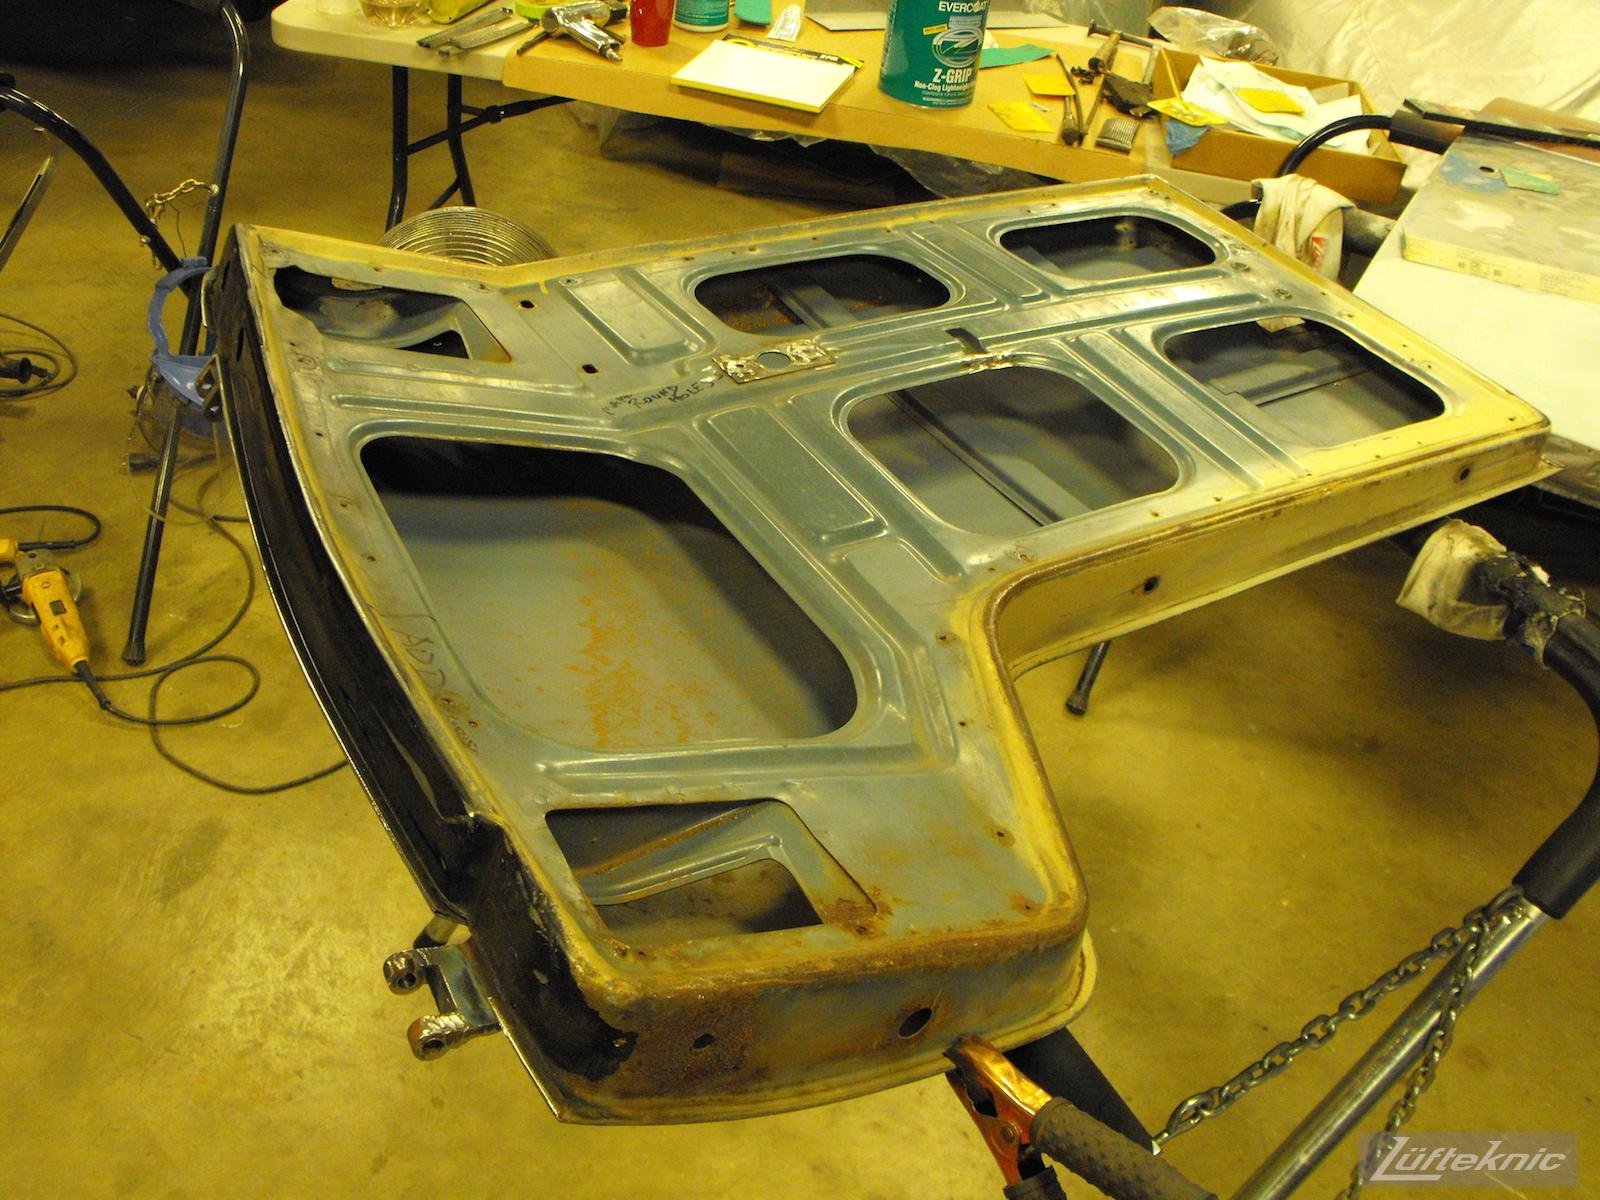 1956 Volkswagen double panel Transporter Porsche Bus door repair.